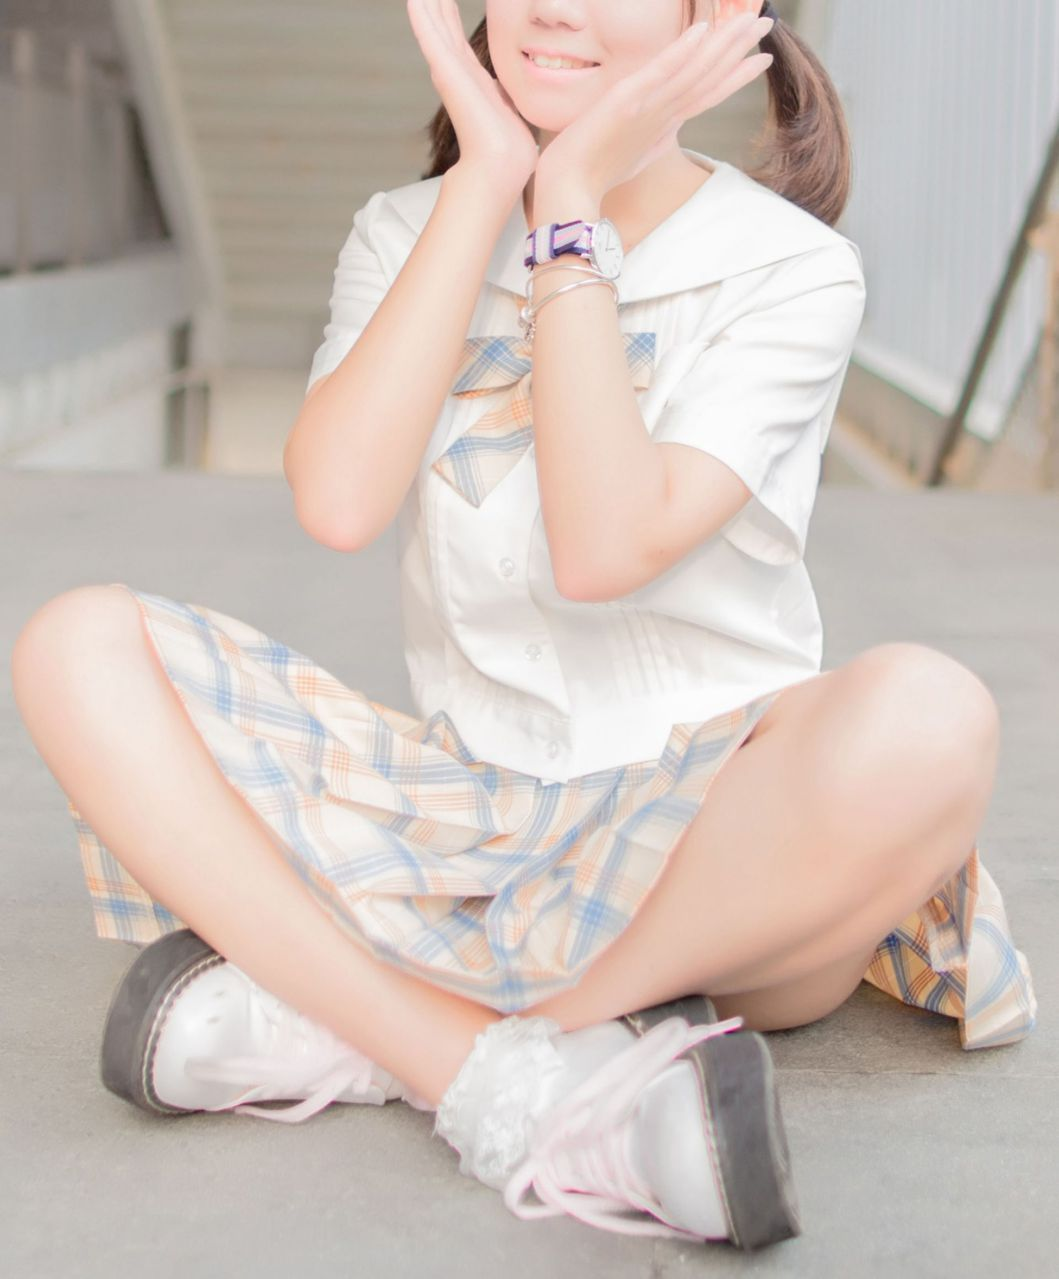 【风之领域】风之领域写真 NO.171 可爱的少女制服 [48P-278MB] 风之领域 第3张